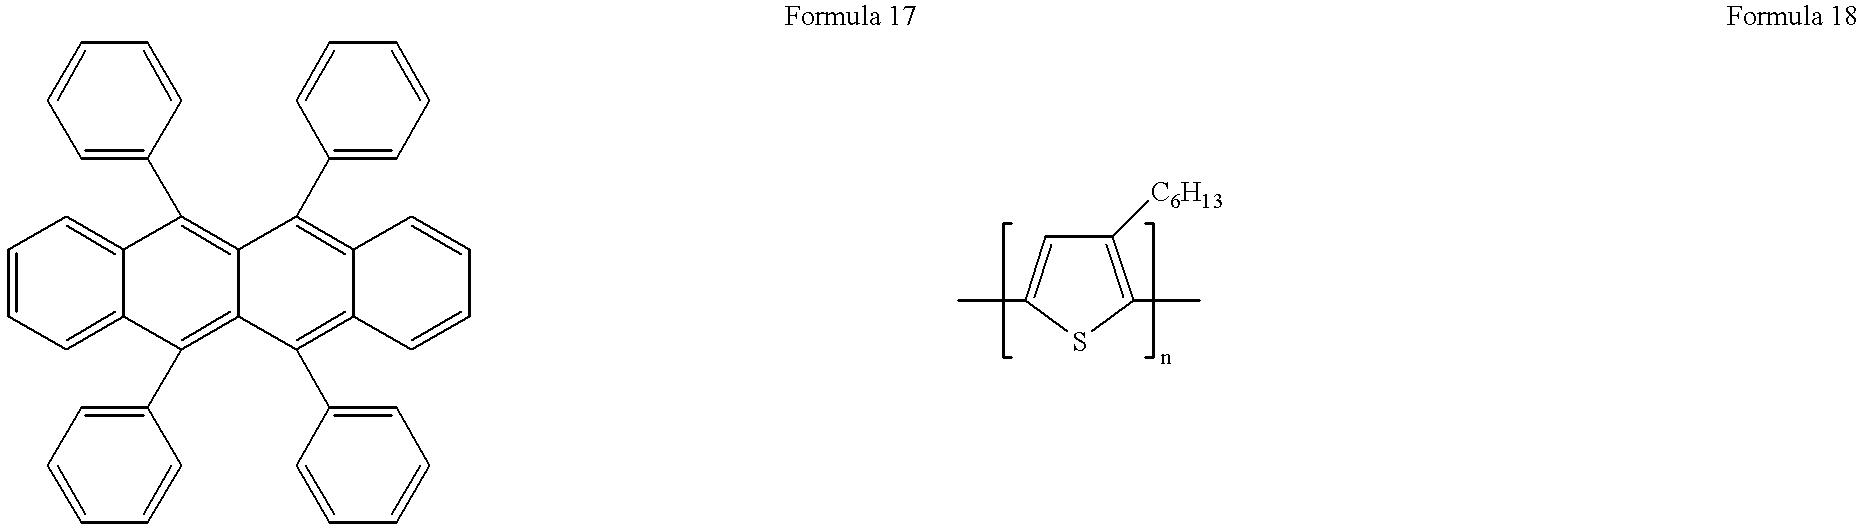 Figure US06350996-20020226-C00003